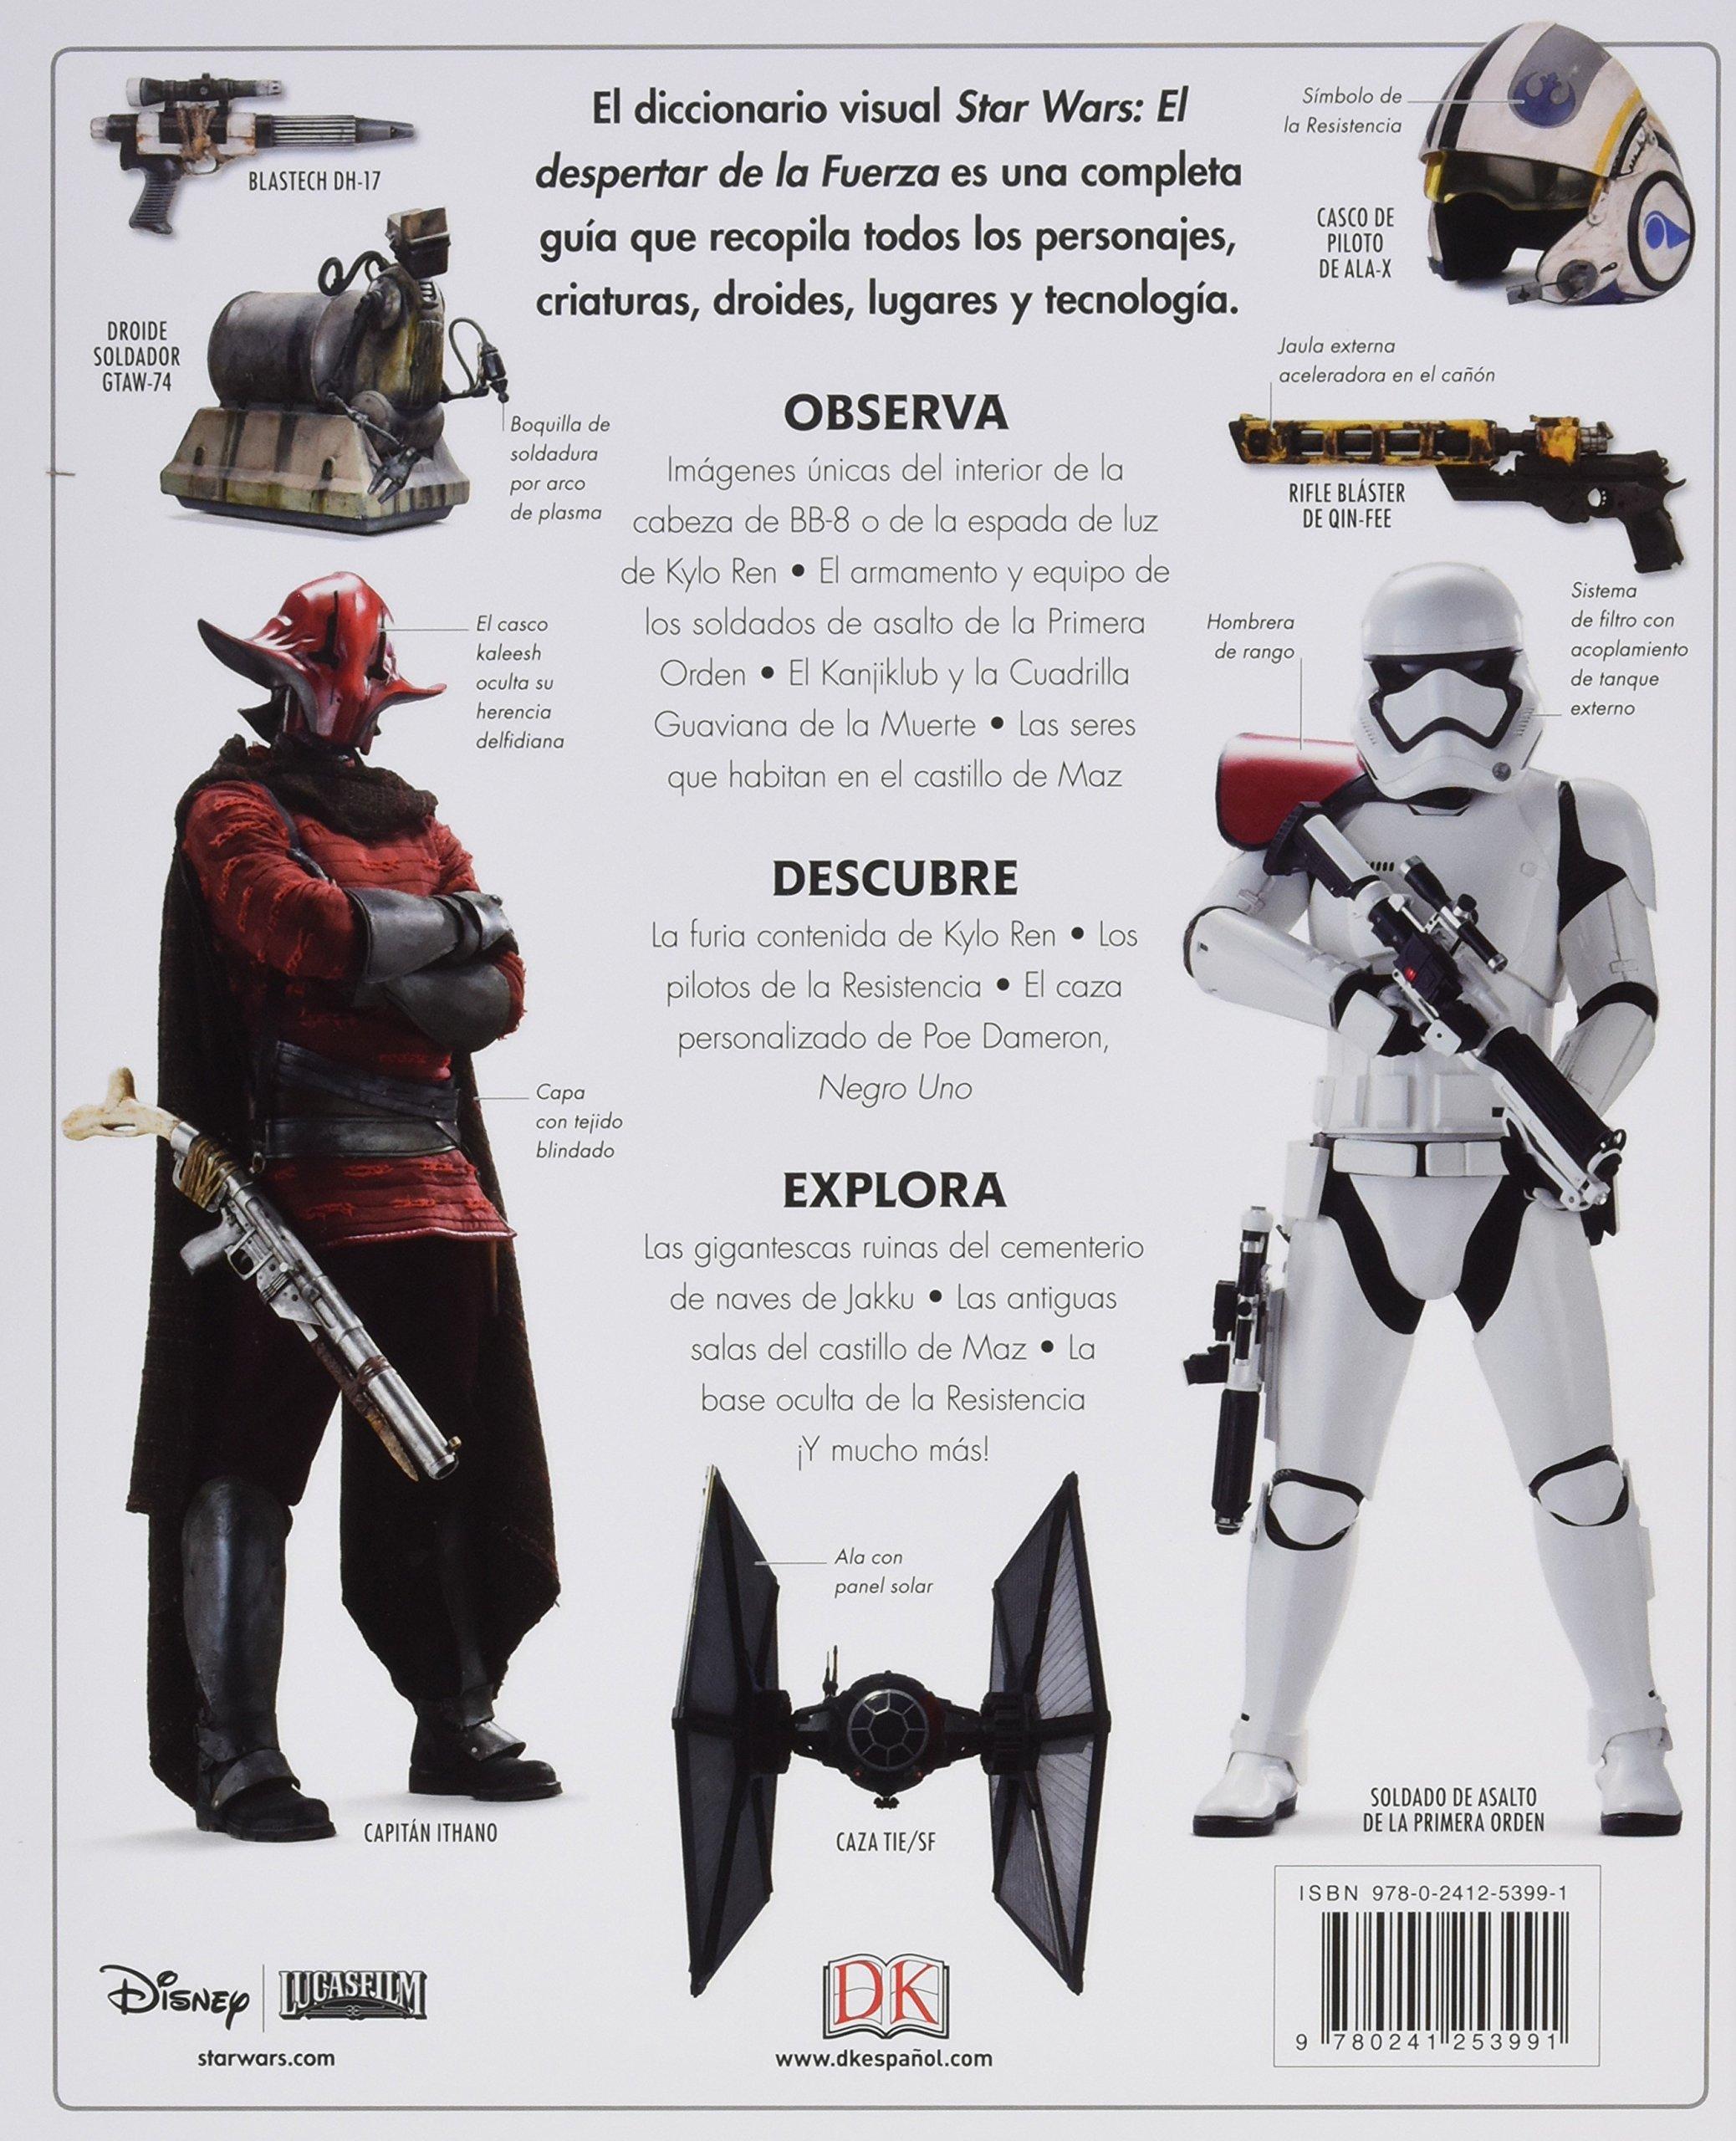 Star Wars: el despertar de la Fuerza: VV.AA: 9780241253991: Amazon.com: Books